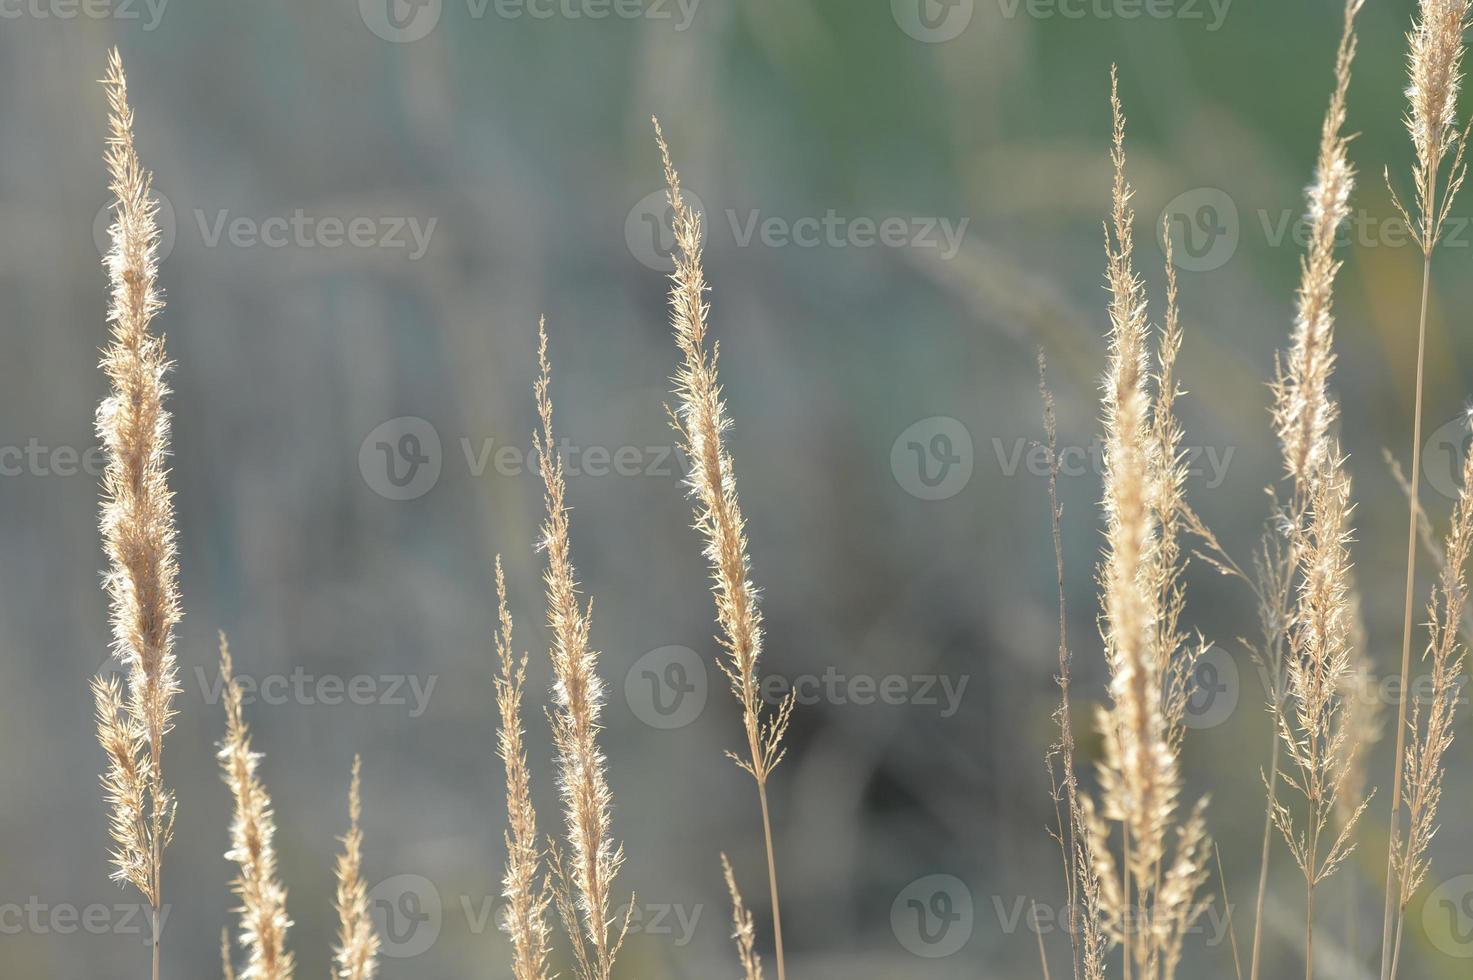 torr höstänggräs på nära håll foto